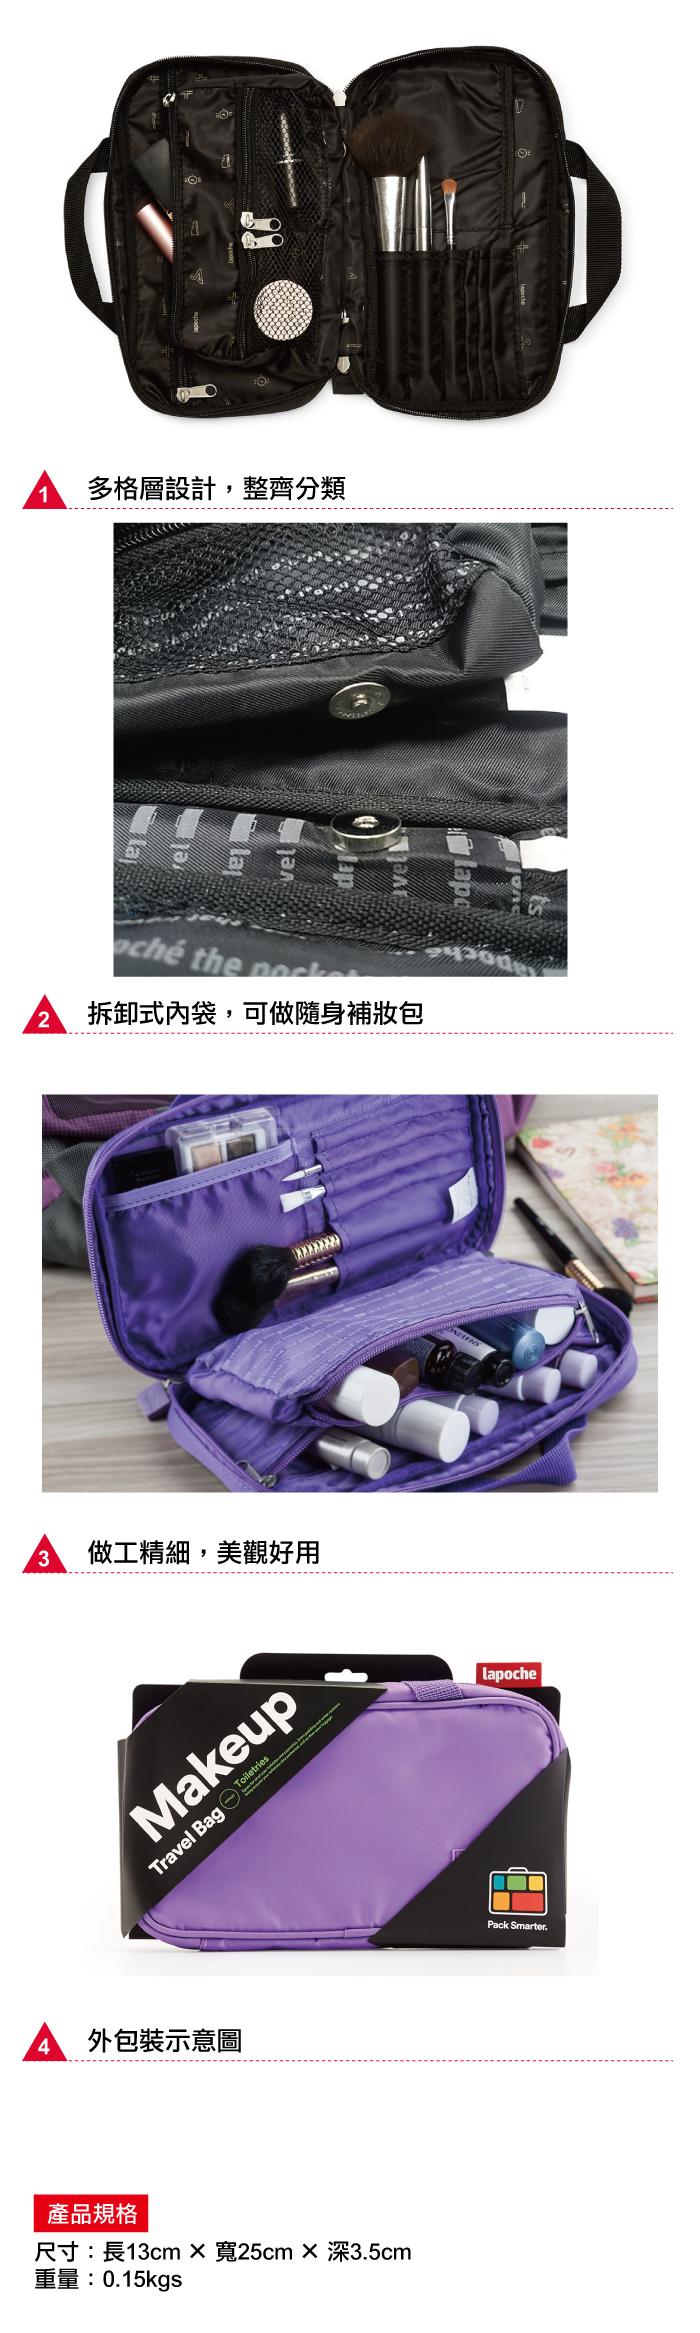 Lapoché|旅行化妝包-紫